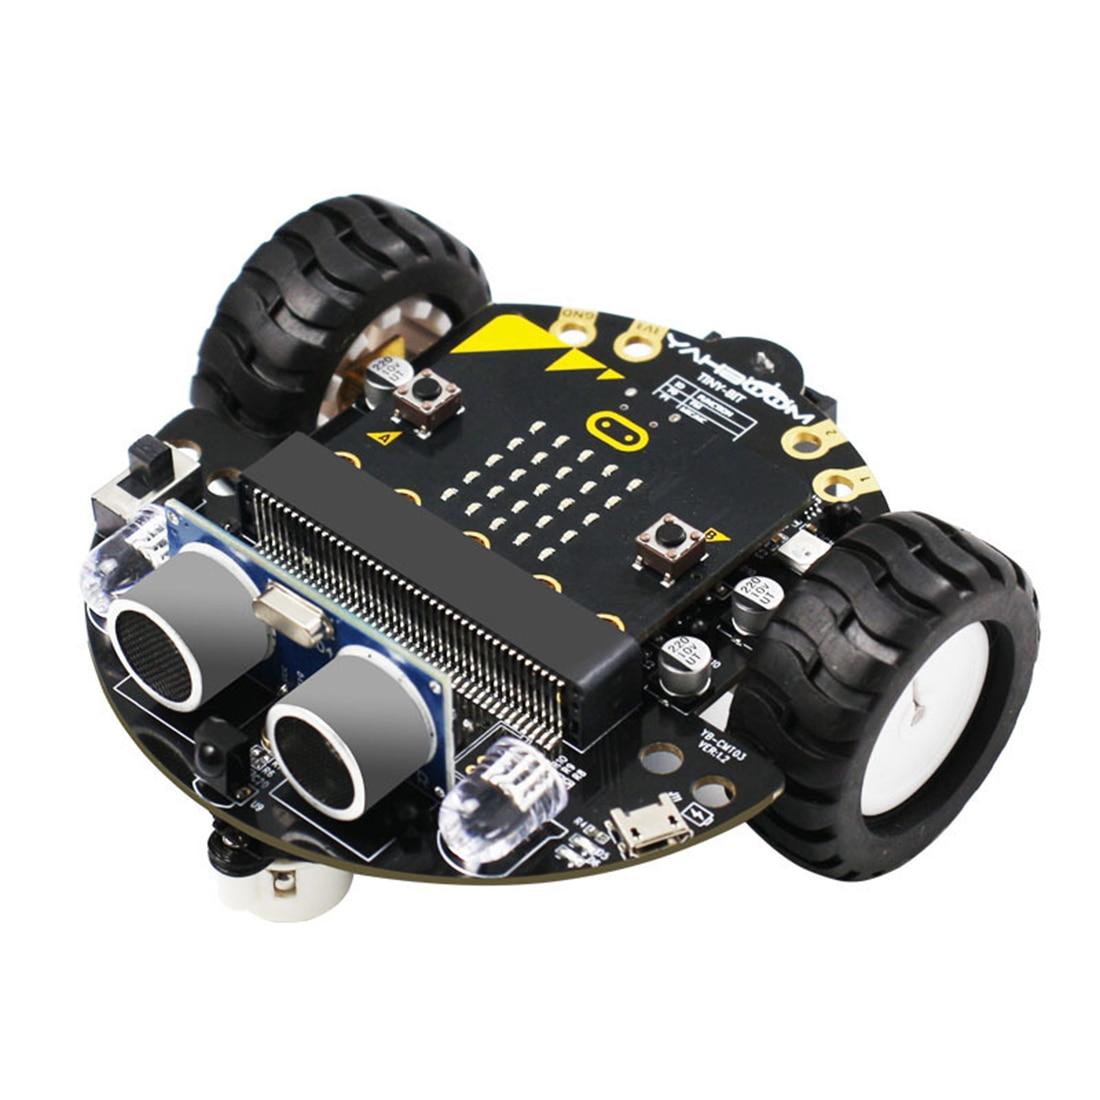 مجموعة تعلم ذكية وقابلة للبرمجة لتجتنب العقبات ، بدون لوحة رئيسية ، للروبوت الصغير: Bit ، DIY